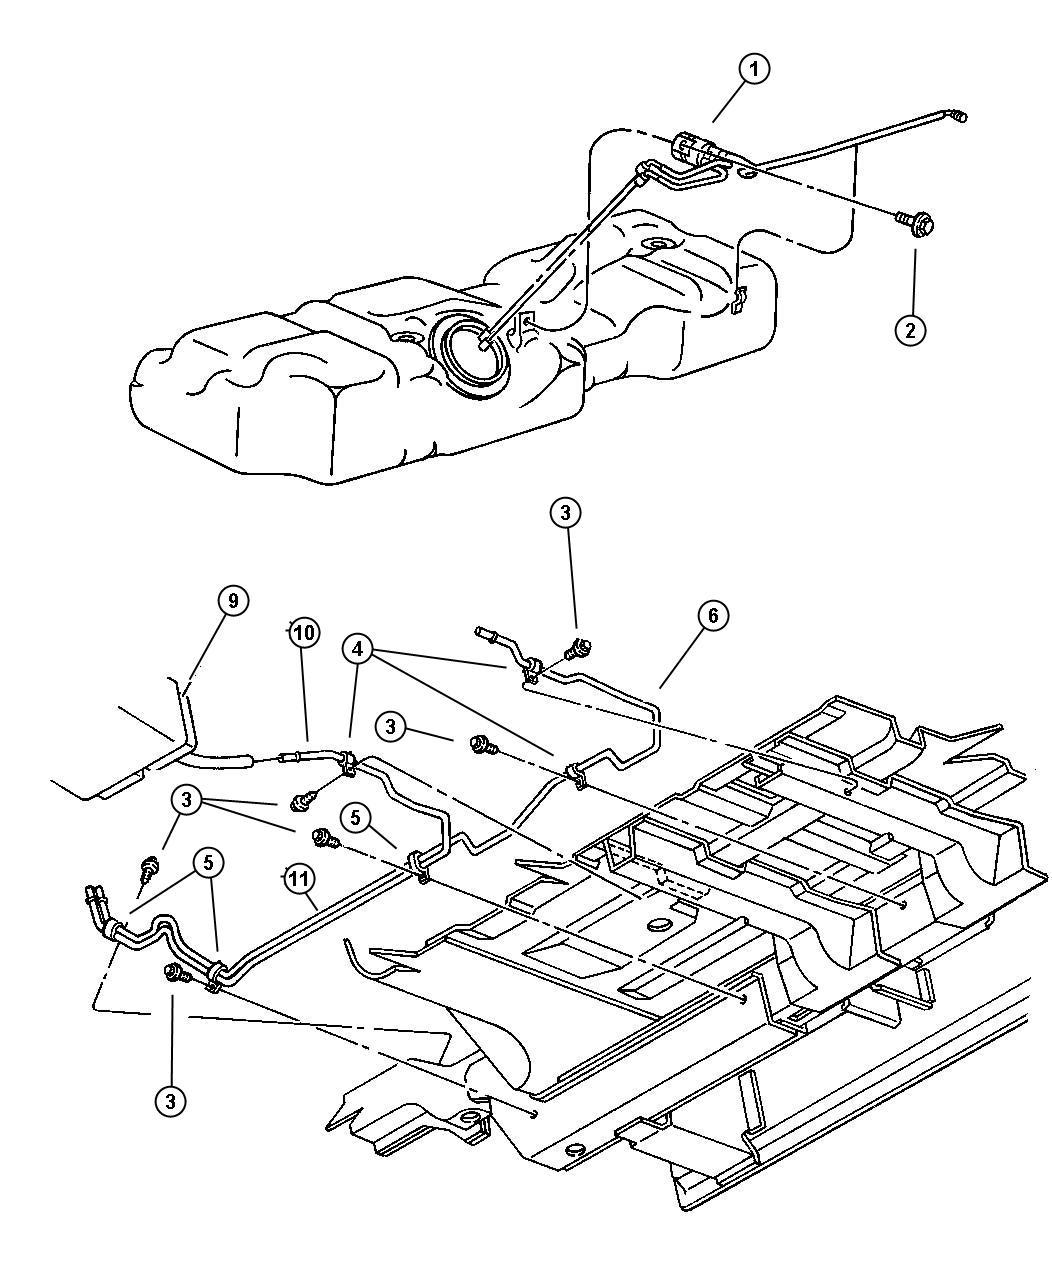 1998 Dodge Caravan Canister. Vapor. Evaporator, vapor